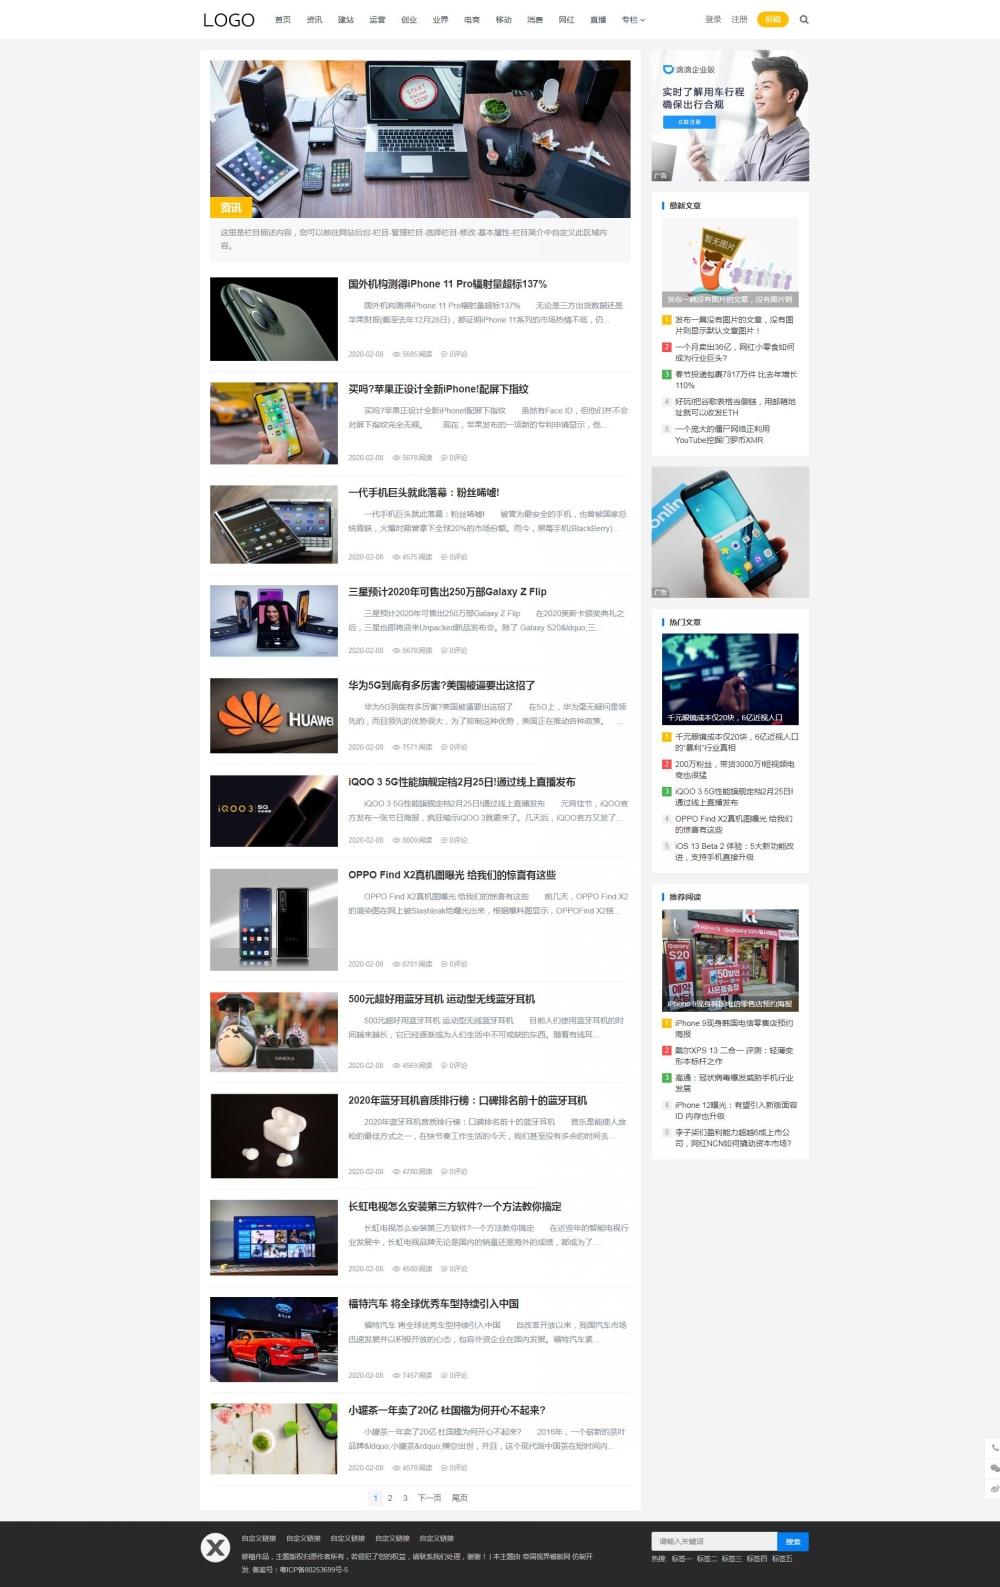 网站栏目(大图).jpg [DG-062]帝国CMS自媒体新闻博客文章资讯模板(带会员中心) 新闻资讯 第2张